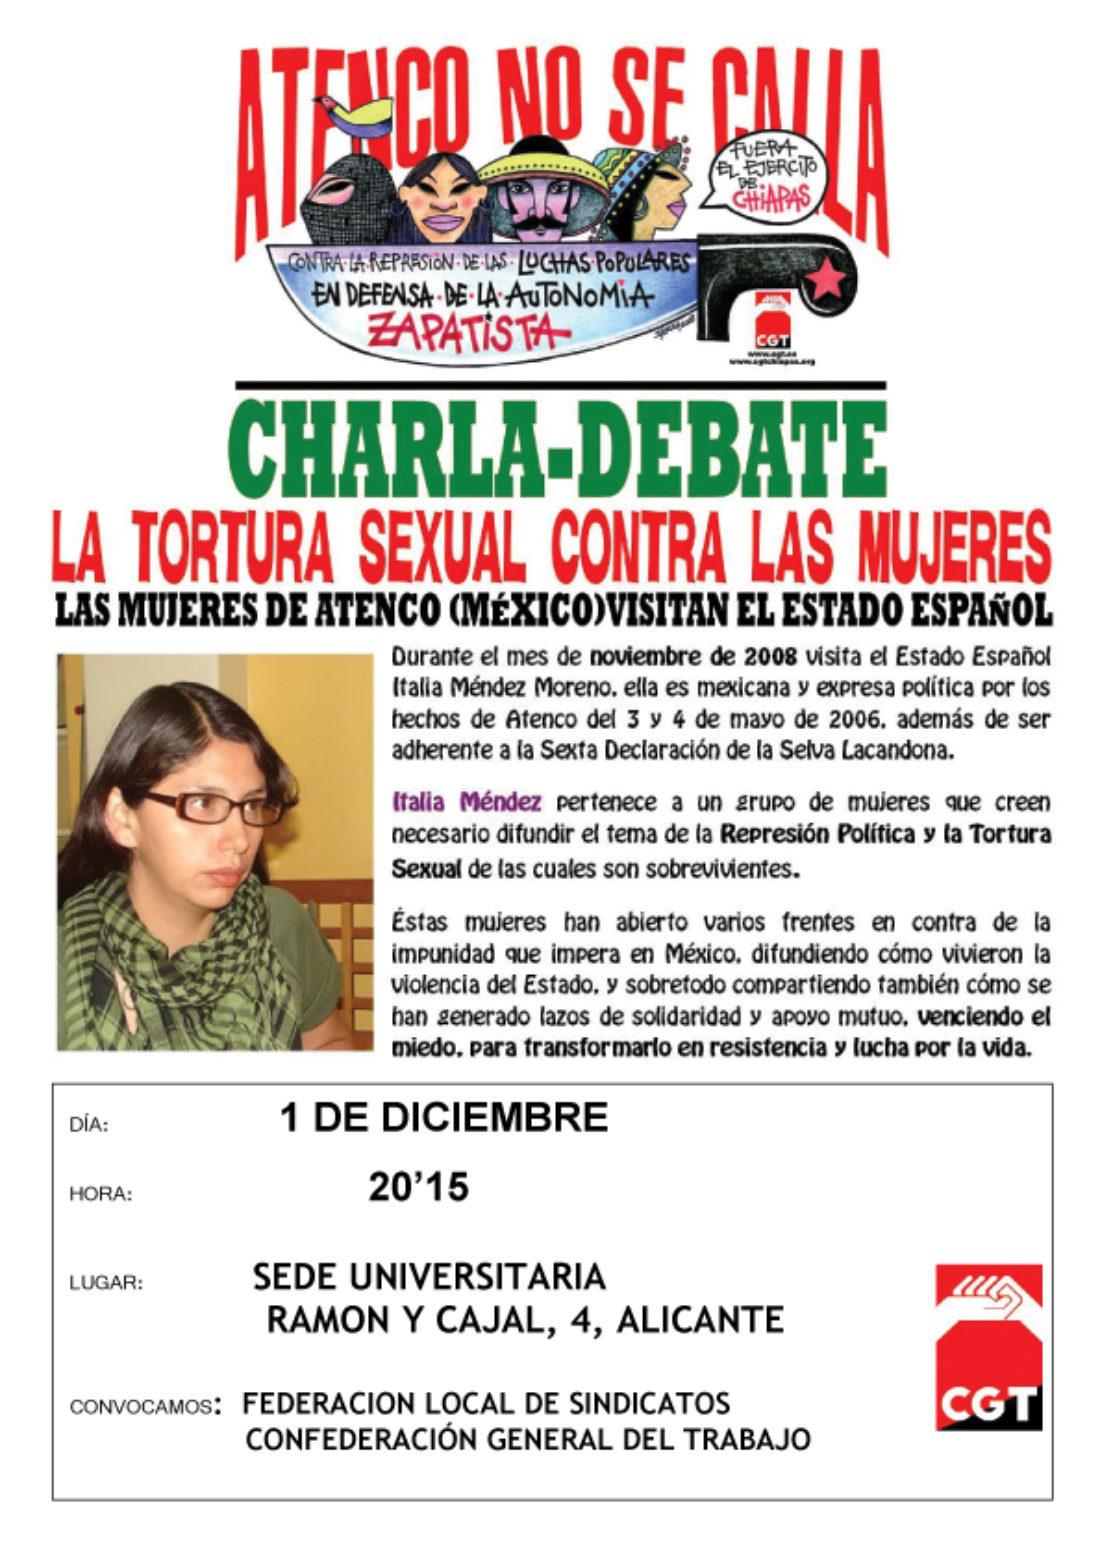 1 de diciembre, 20:15 h., en la SEU (C/ Ramón y Cajal, 4. Alicante): charla de Italia Méndez, de Atenco (México)